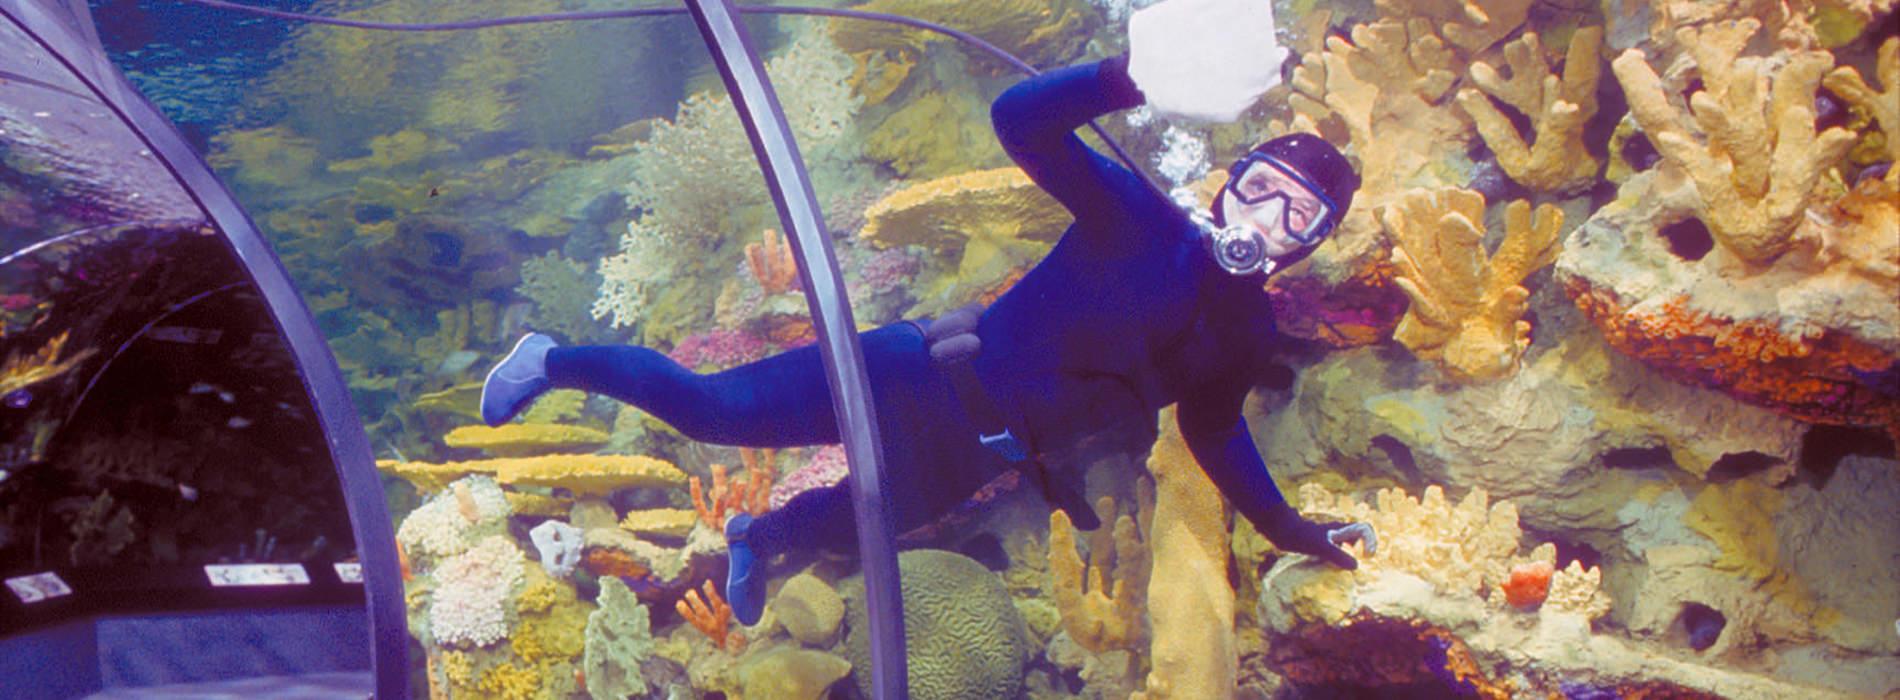 A scuba diver cleaning the aquarium